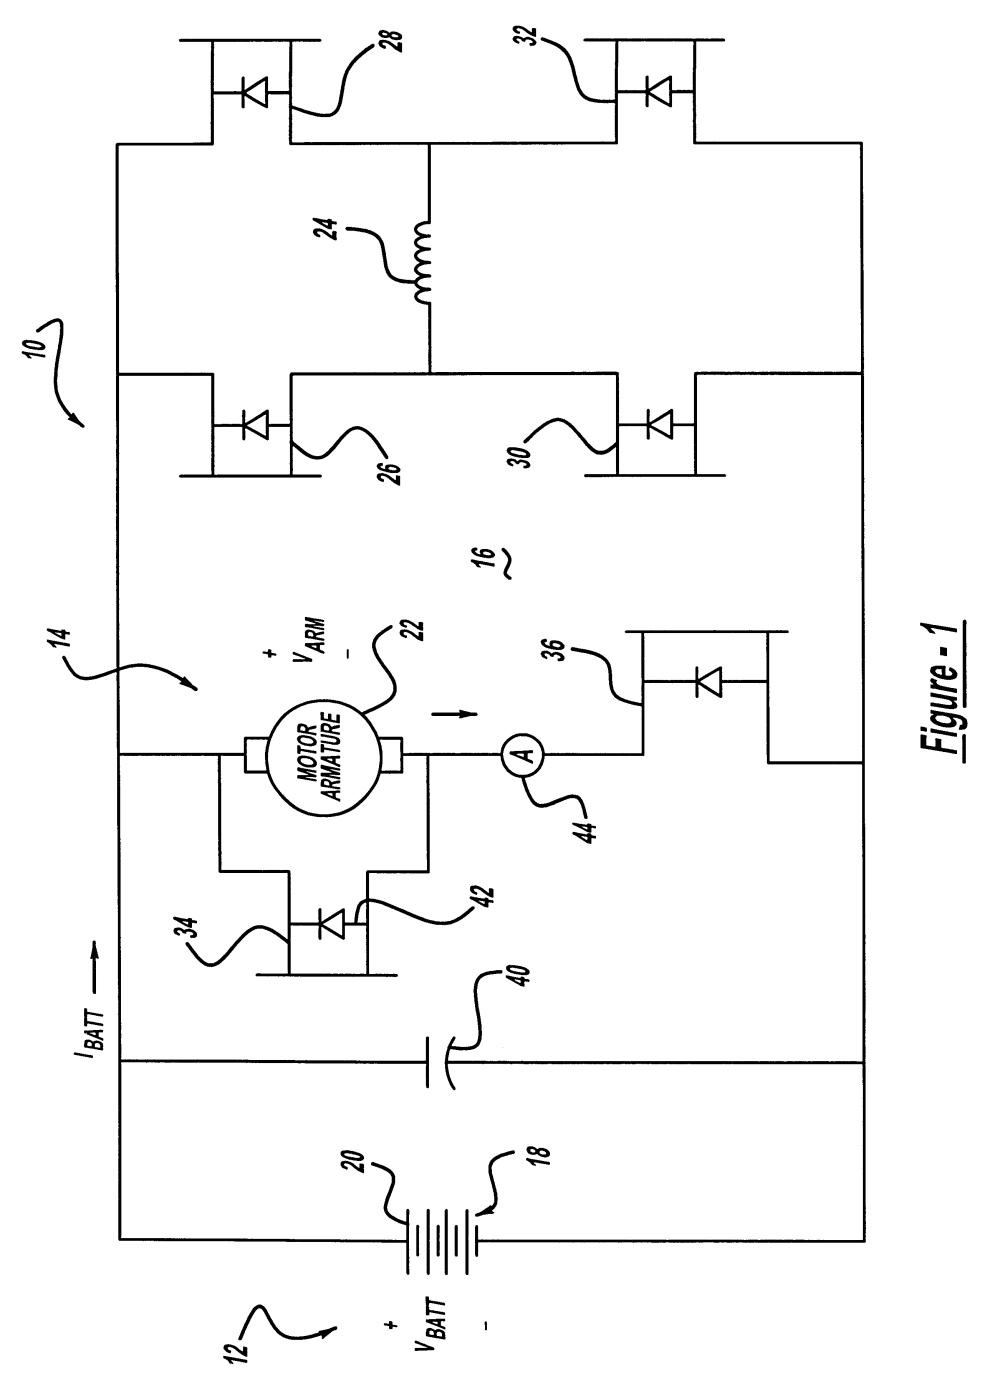 medium resolution of diagram of ac ac current system electric locomotive regenerative ktm 300 exc wiringdiagram source http arepadus 2014 2014ktm300